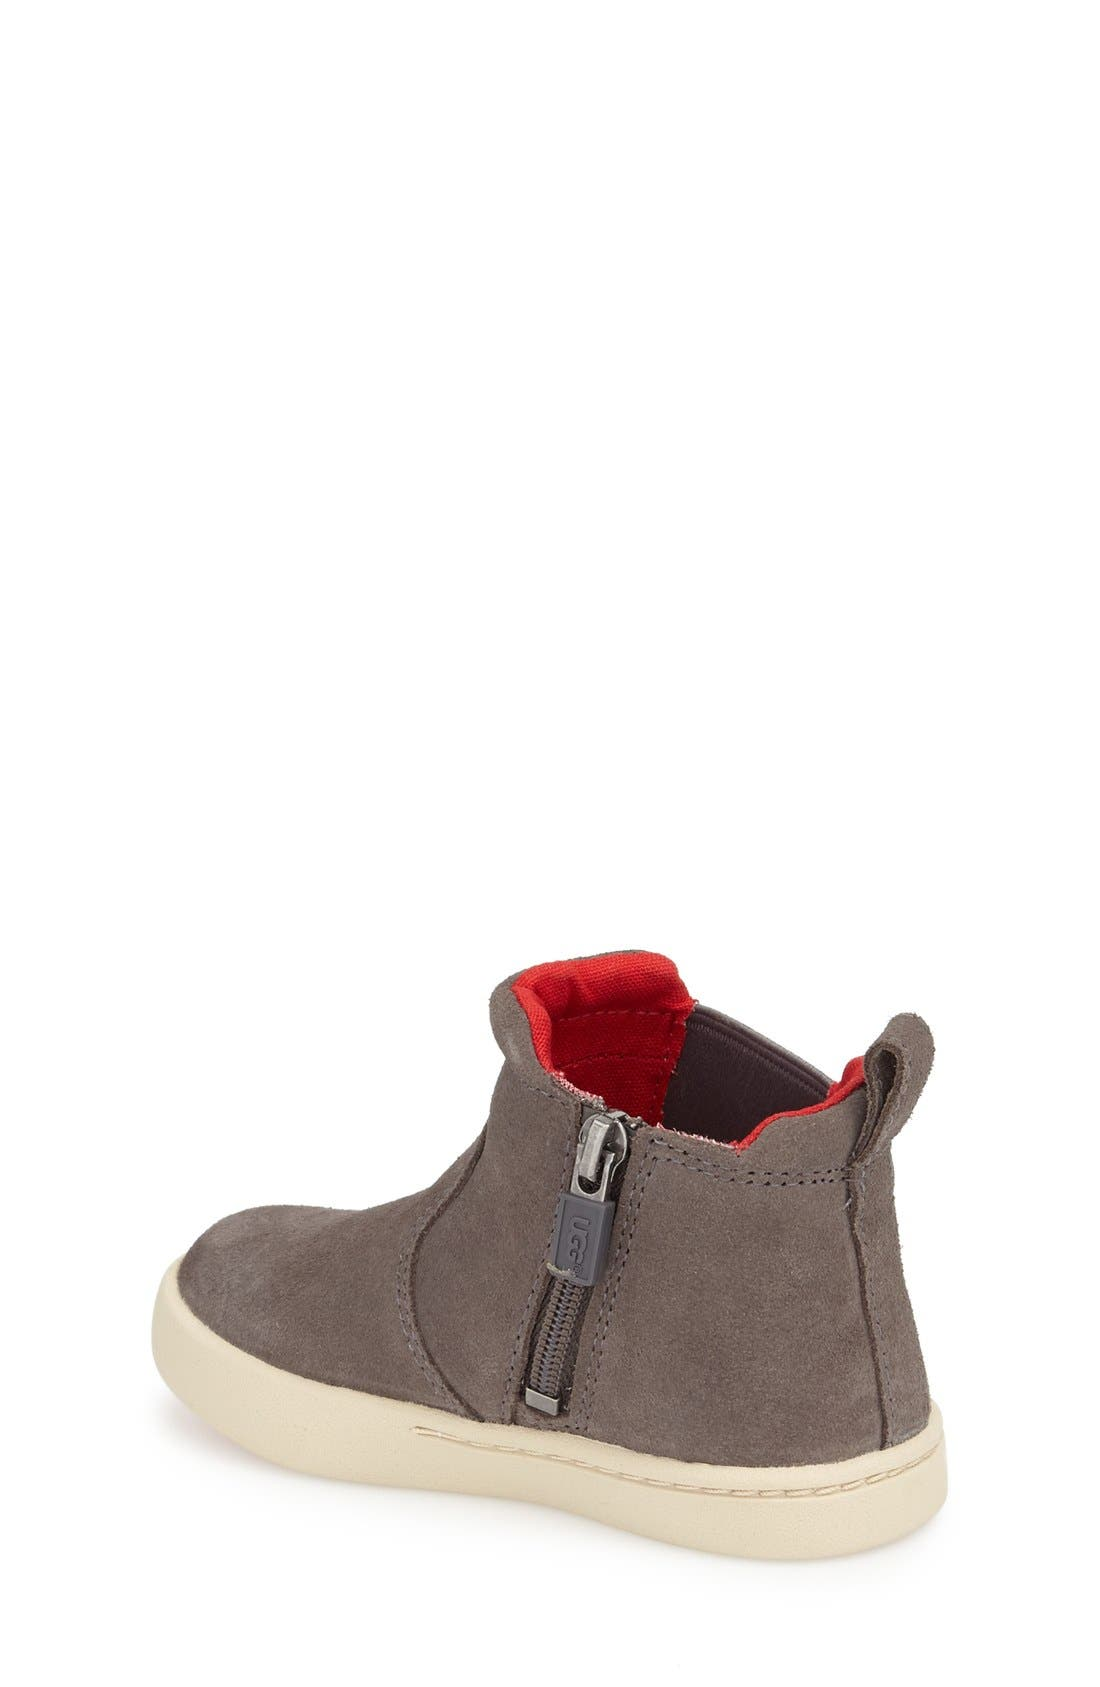 Hamden Sneaker,                             Alternate thumbnail 5, color,